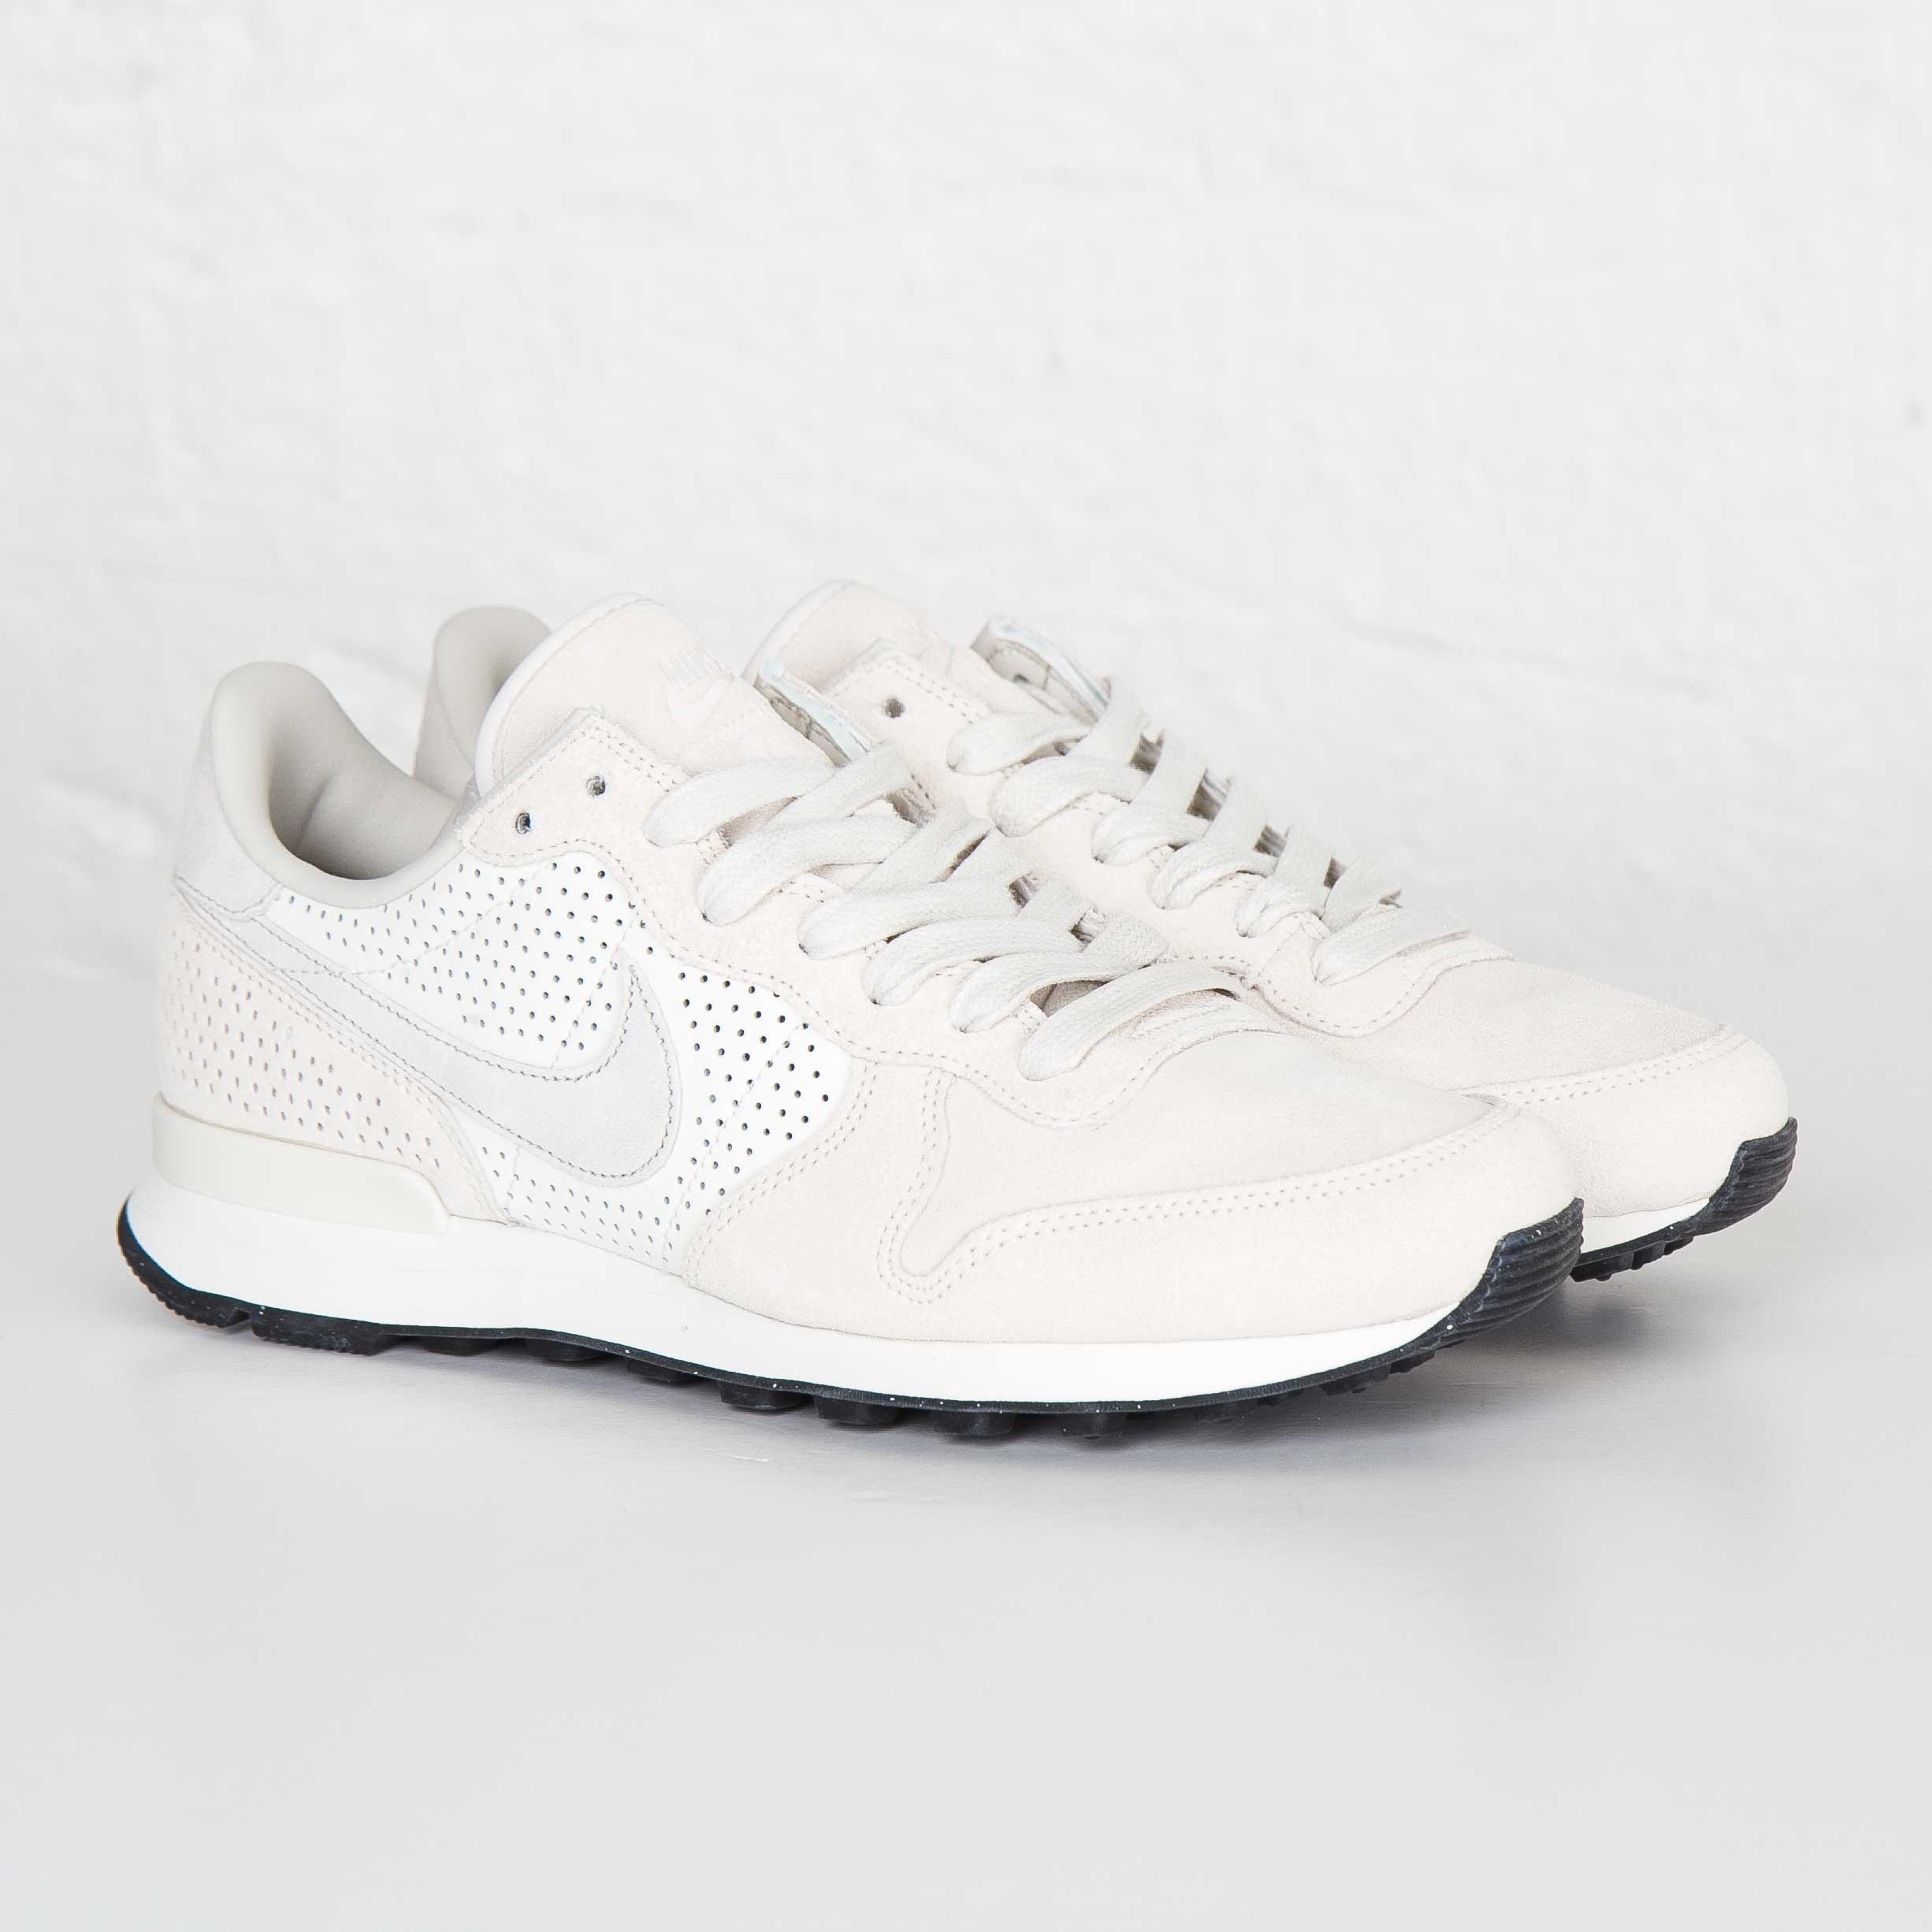 newest c6ca4 f3241 Nike Internationalist LX